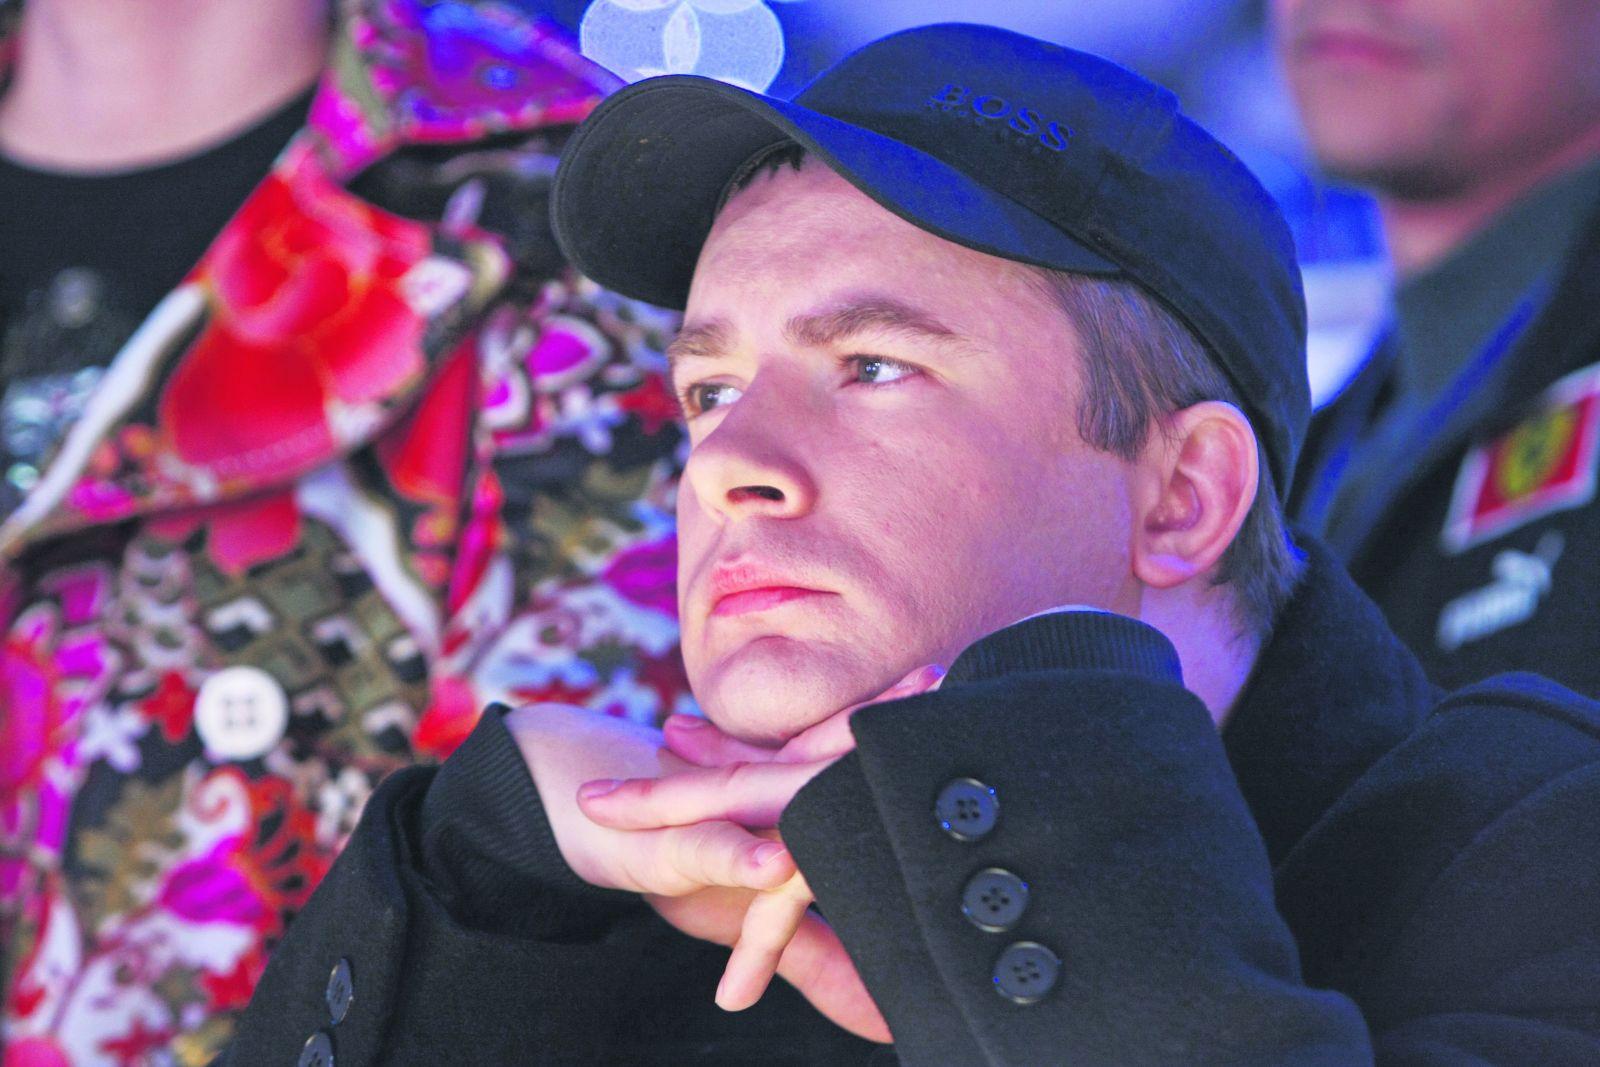 Андрей Данилко: биография, личная жизнь, семья, жена, дети — фото